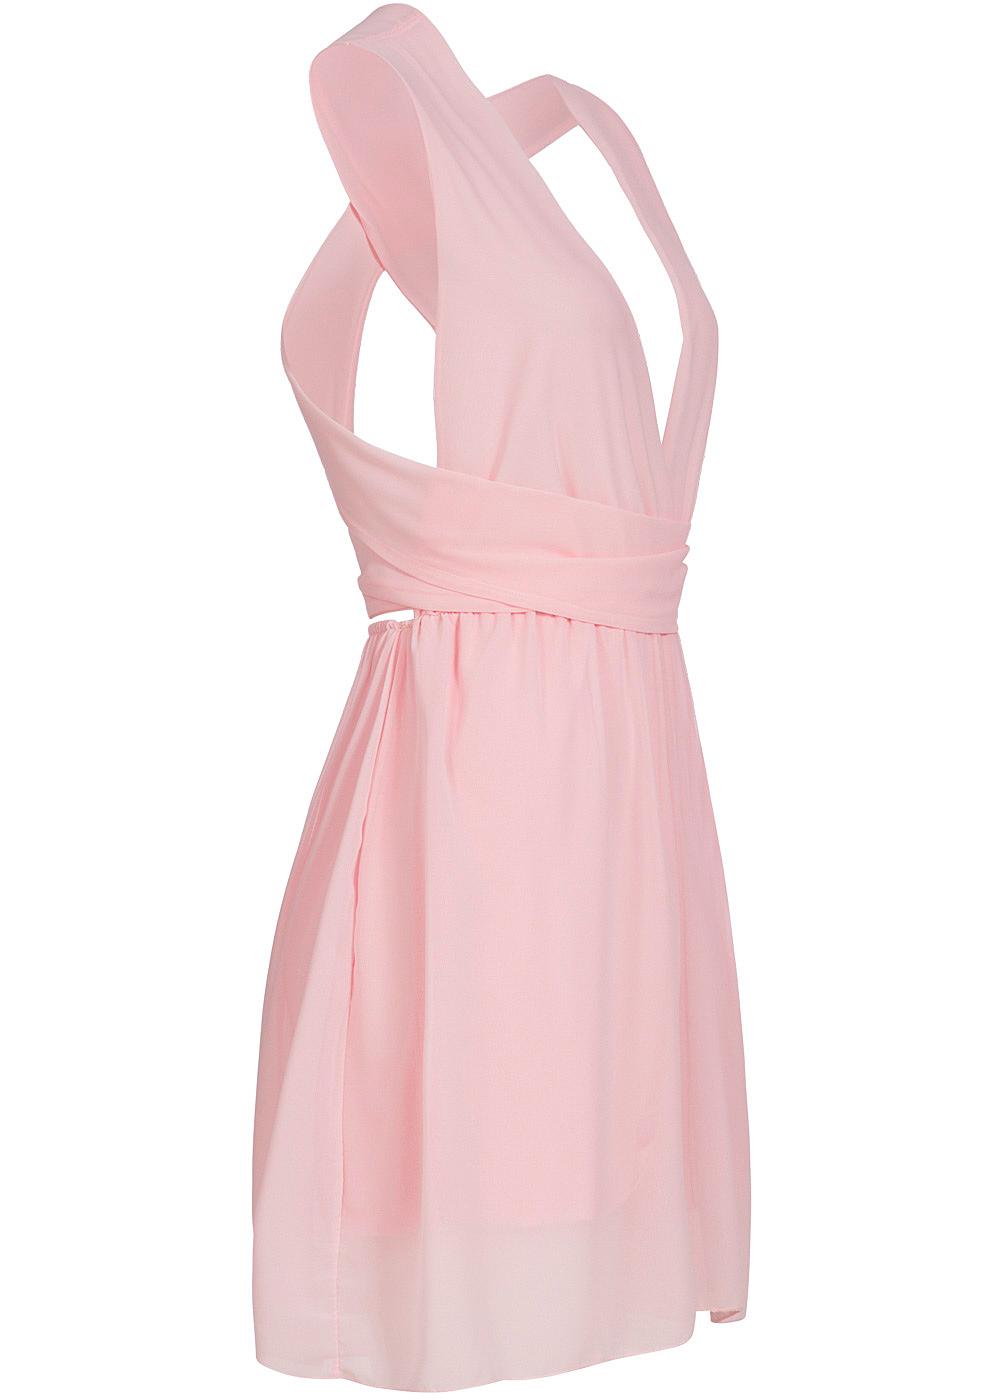 styleboom fashion damen hosen kleid neckholder rosa 77onlineshop. Black Bedroom Furniture Sets. Home Design Ideas